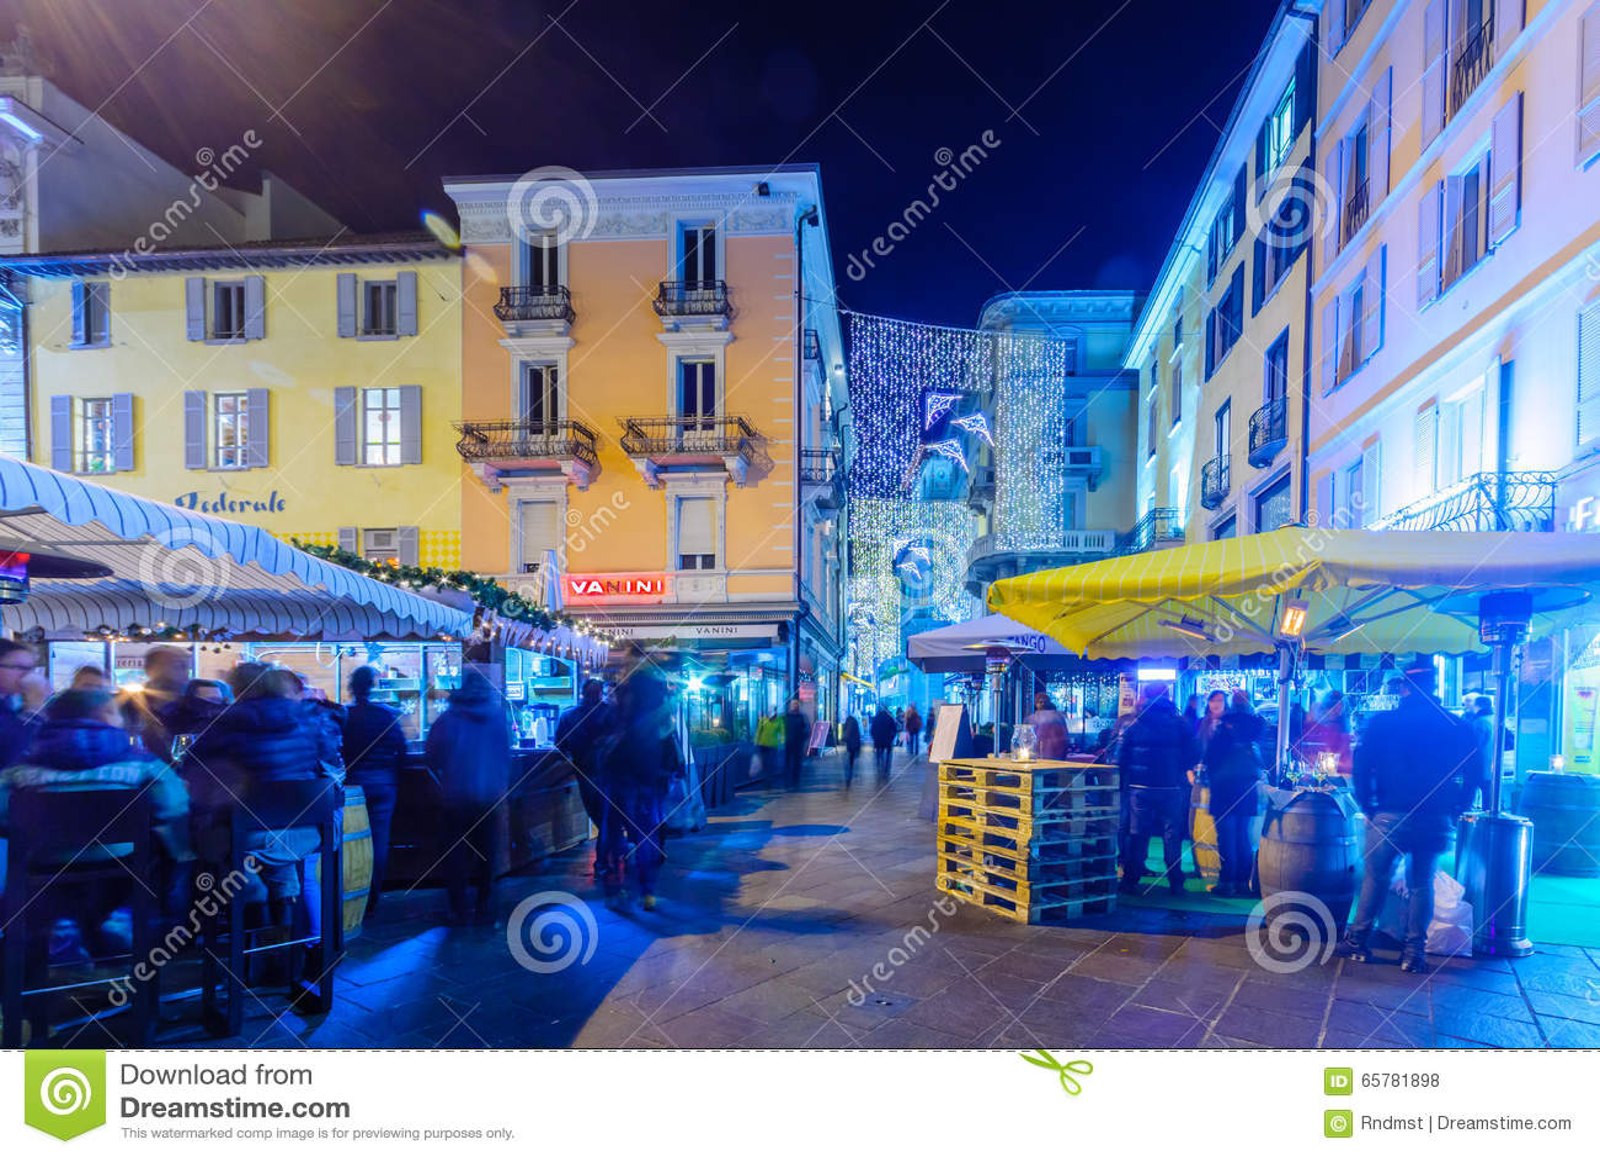 Decorazioni Natalizie Lugano.Natale A Lugano Fotografia Stock Editoriale Immagine Di Costruzione